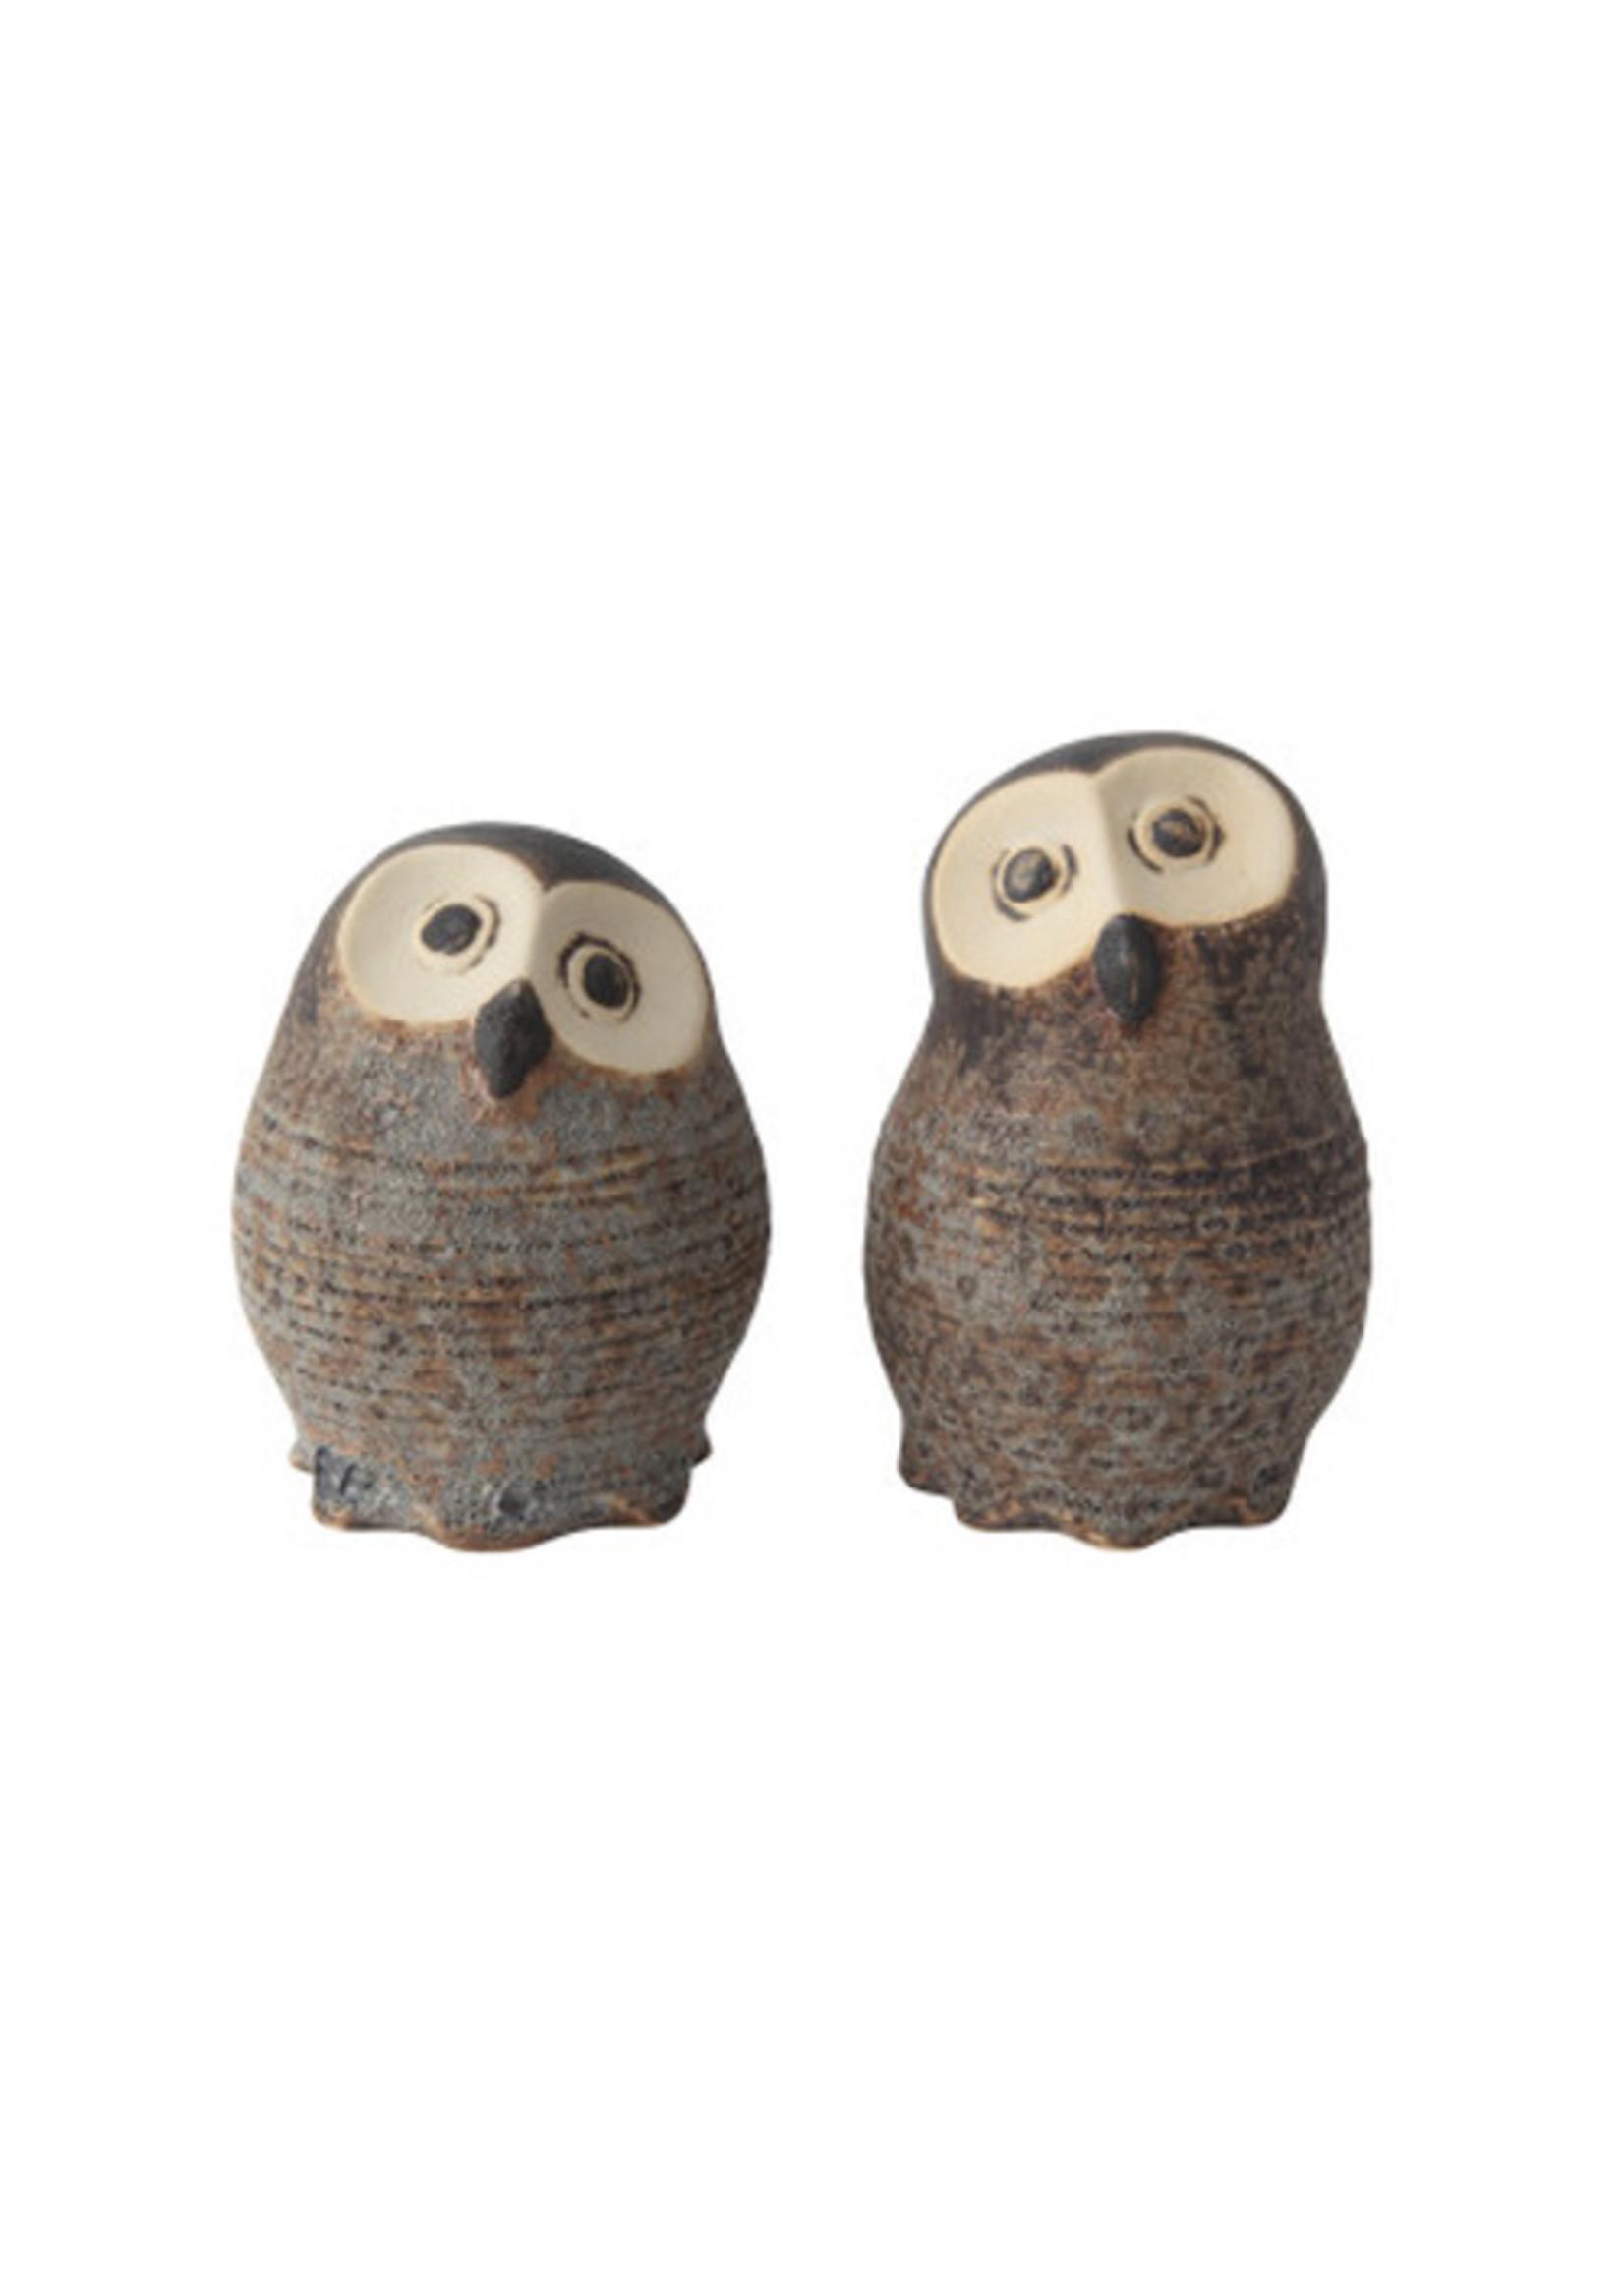 Stoneware Owls Set of Two